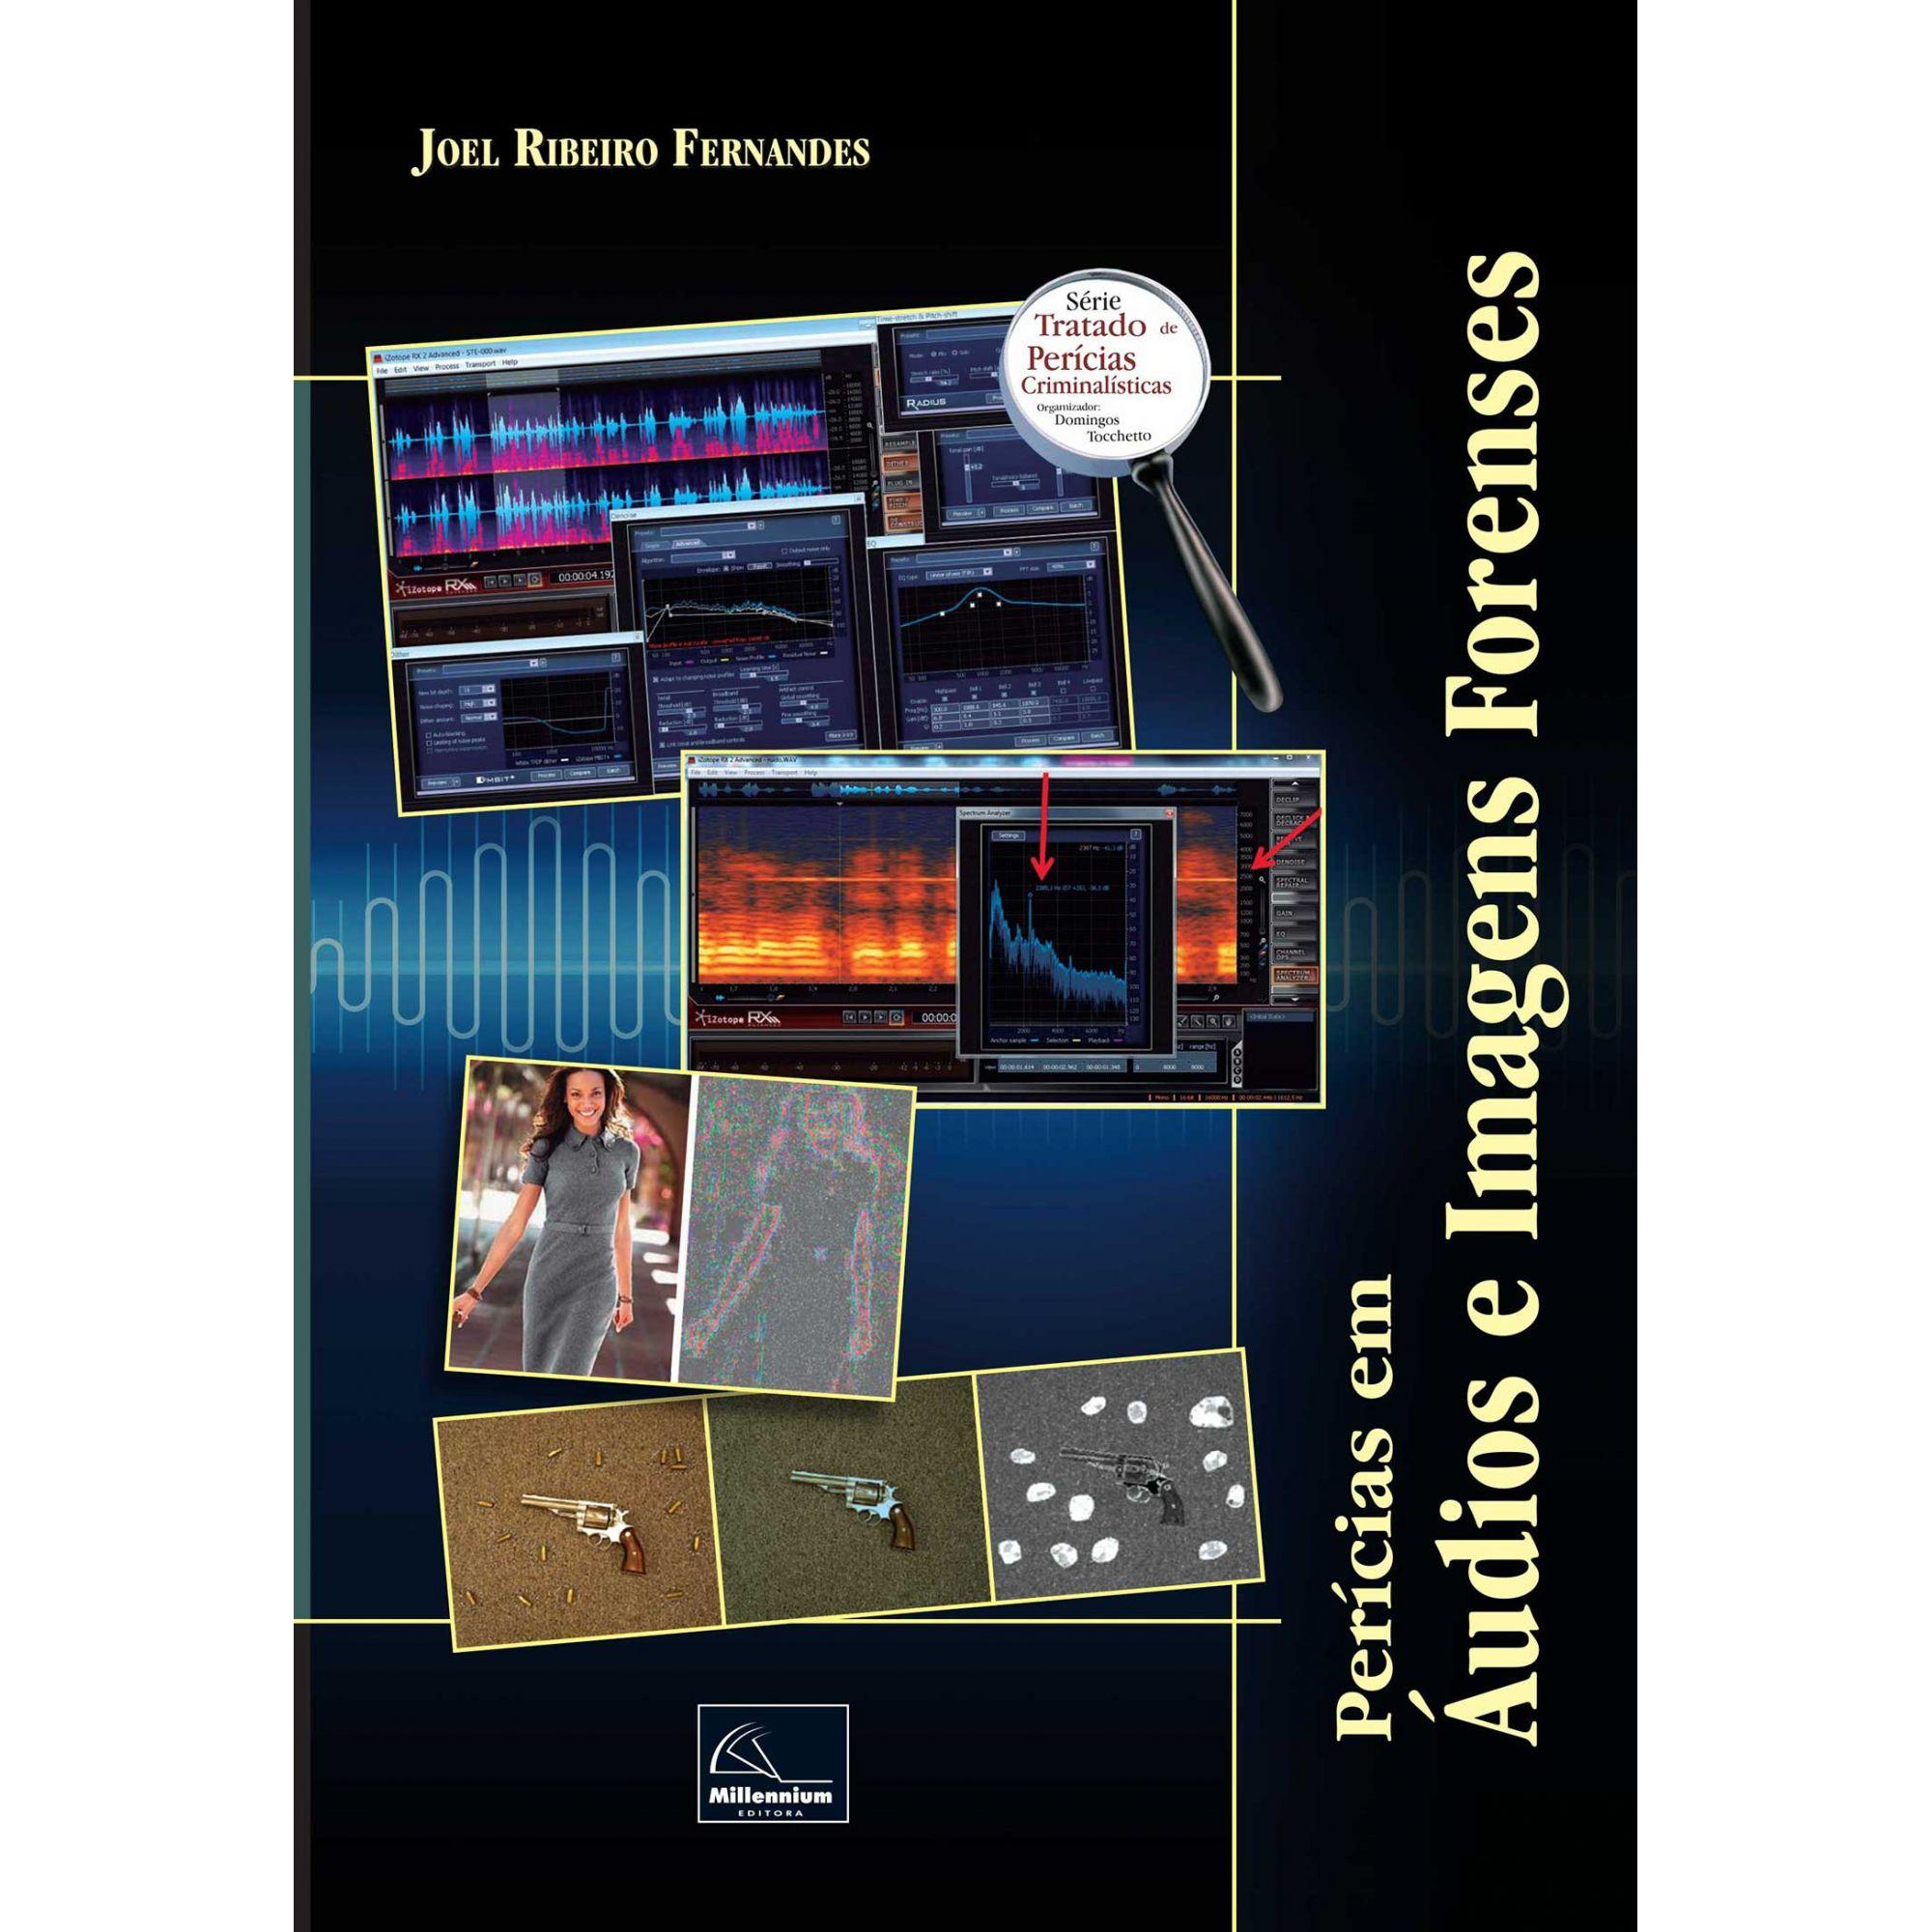 Perícias em Áudios e Imagens Forenses <b>Autor: Joel Ribeiro Fernandes</b>  - Millennium Editora - Livros de Perícia